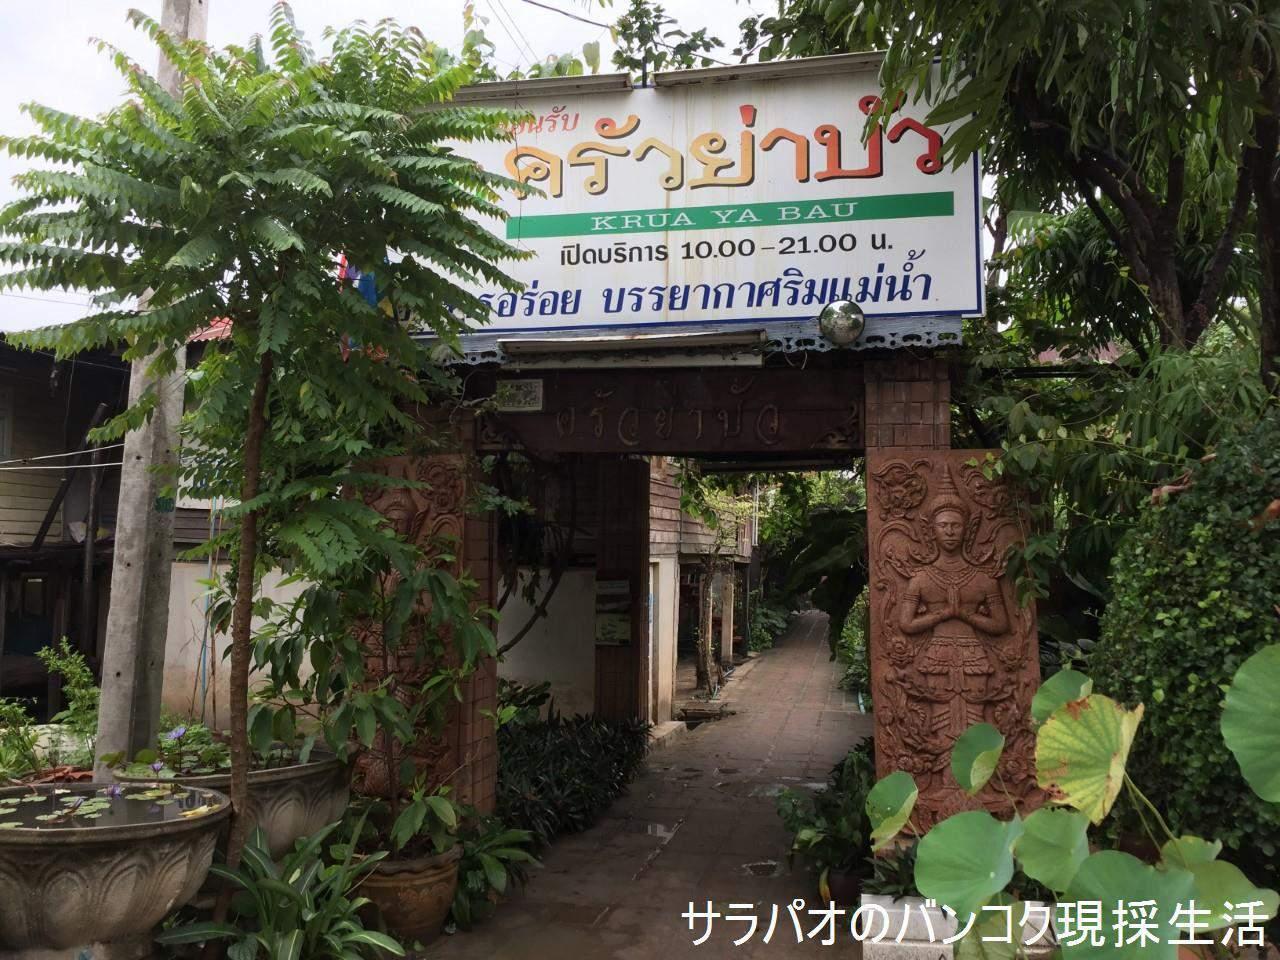 RestaurantAyutthaya1_03.jpg